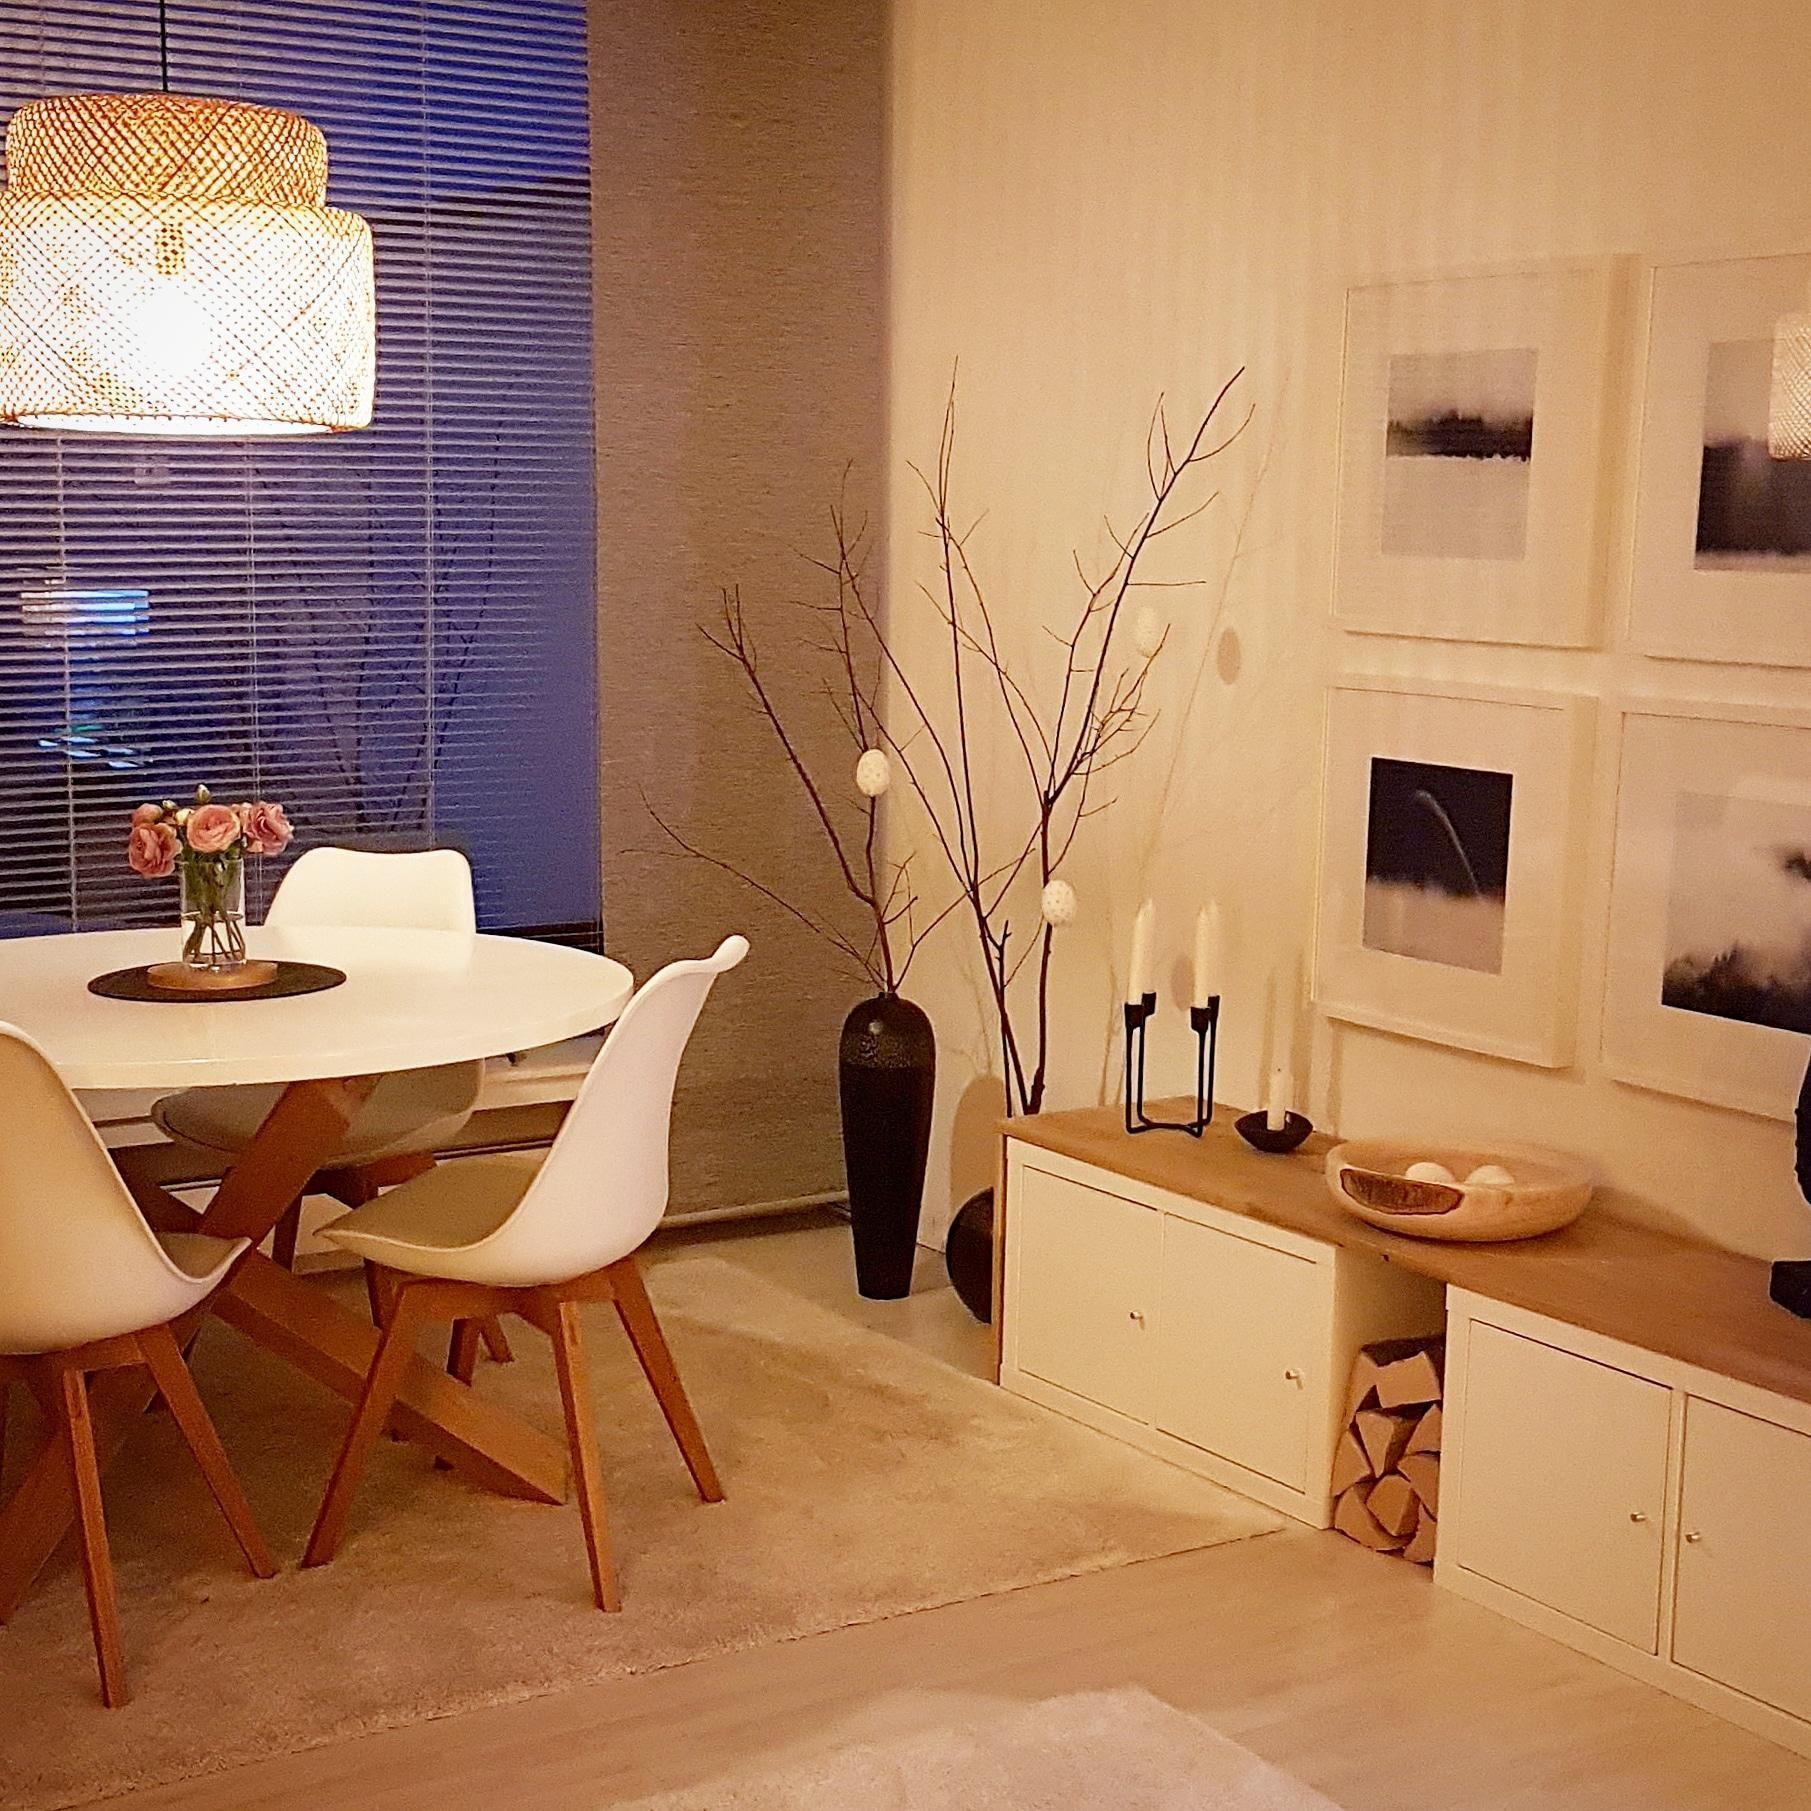 Full Size of Betten Ikea 160x200 Modulküche Küche Kosten Sofa Mit Schlaffunktion Miniküche Kaufen Bei Wohnzimmer Wohnzimmerlampen Ikea